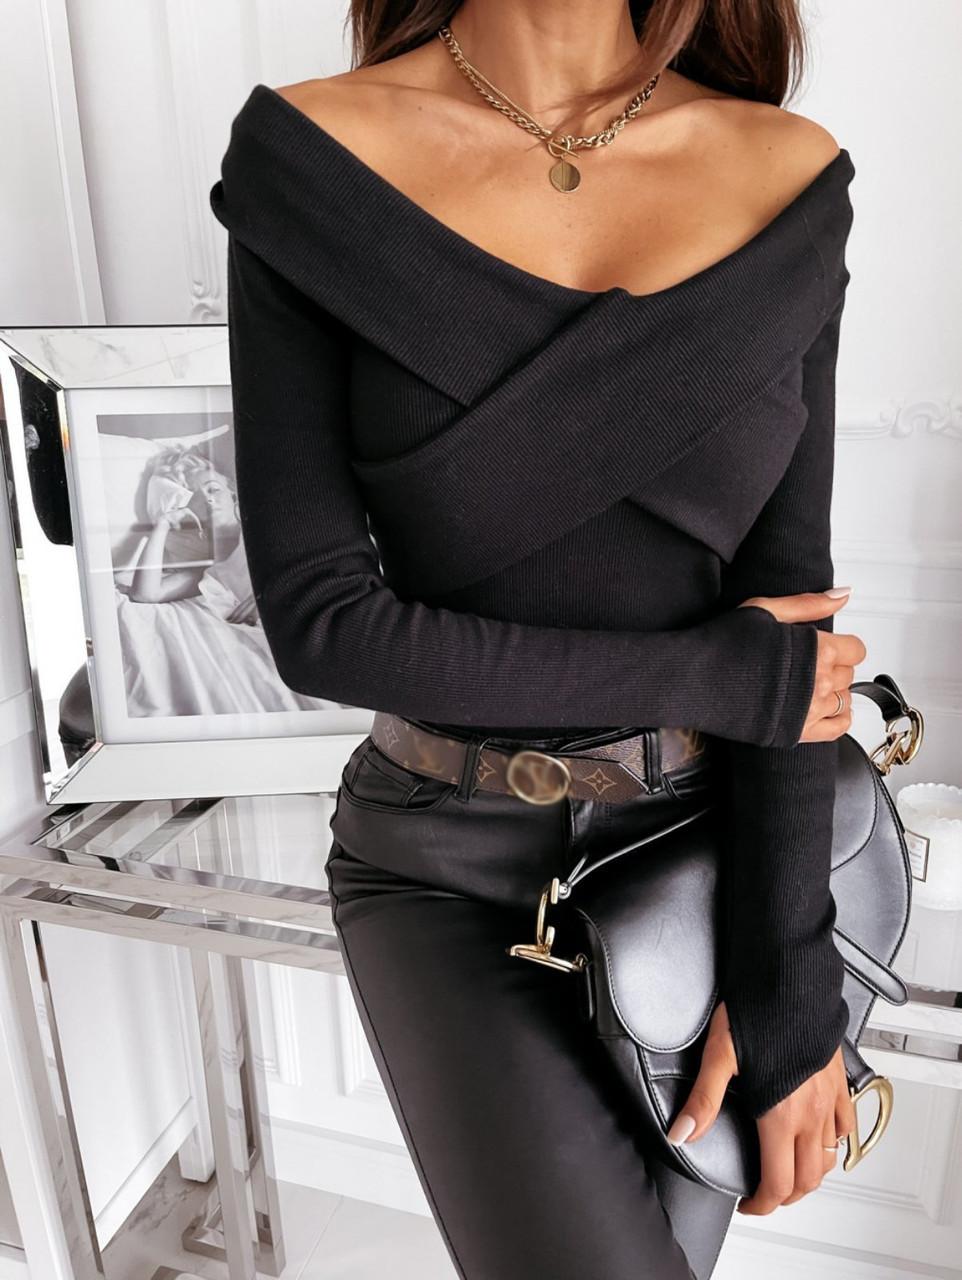 Кофта женская трикотажная с открытыми плечами с широкими полотнами на груди есть 3-ти варианта цвета